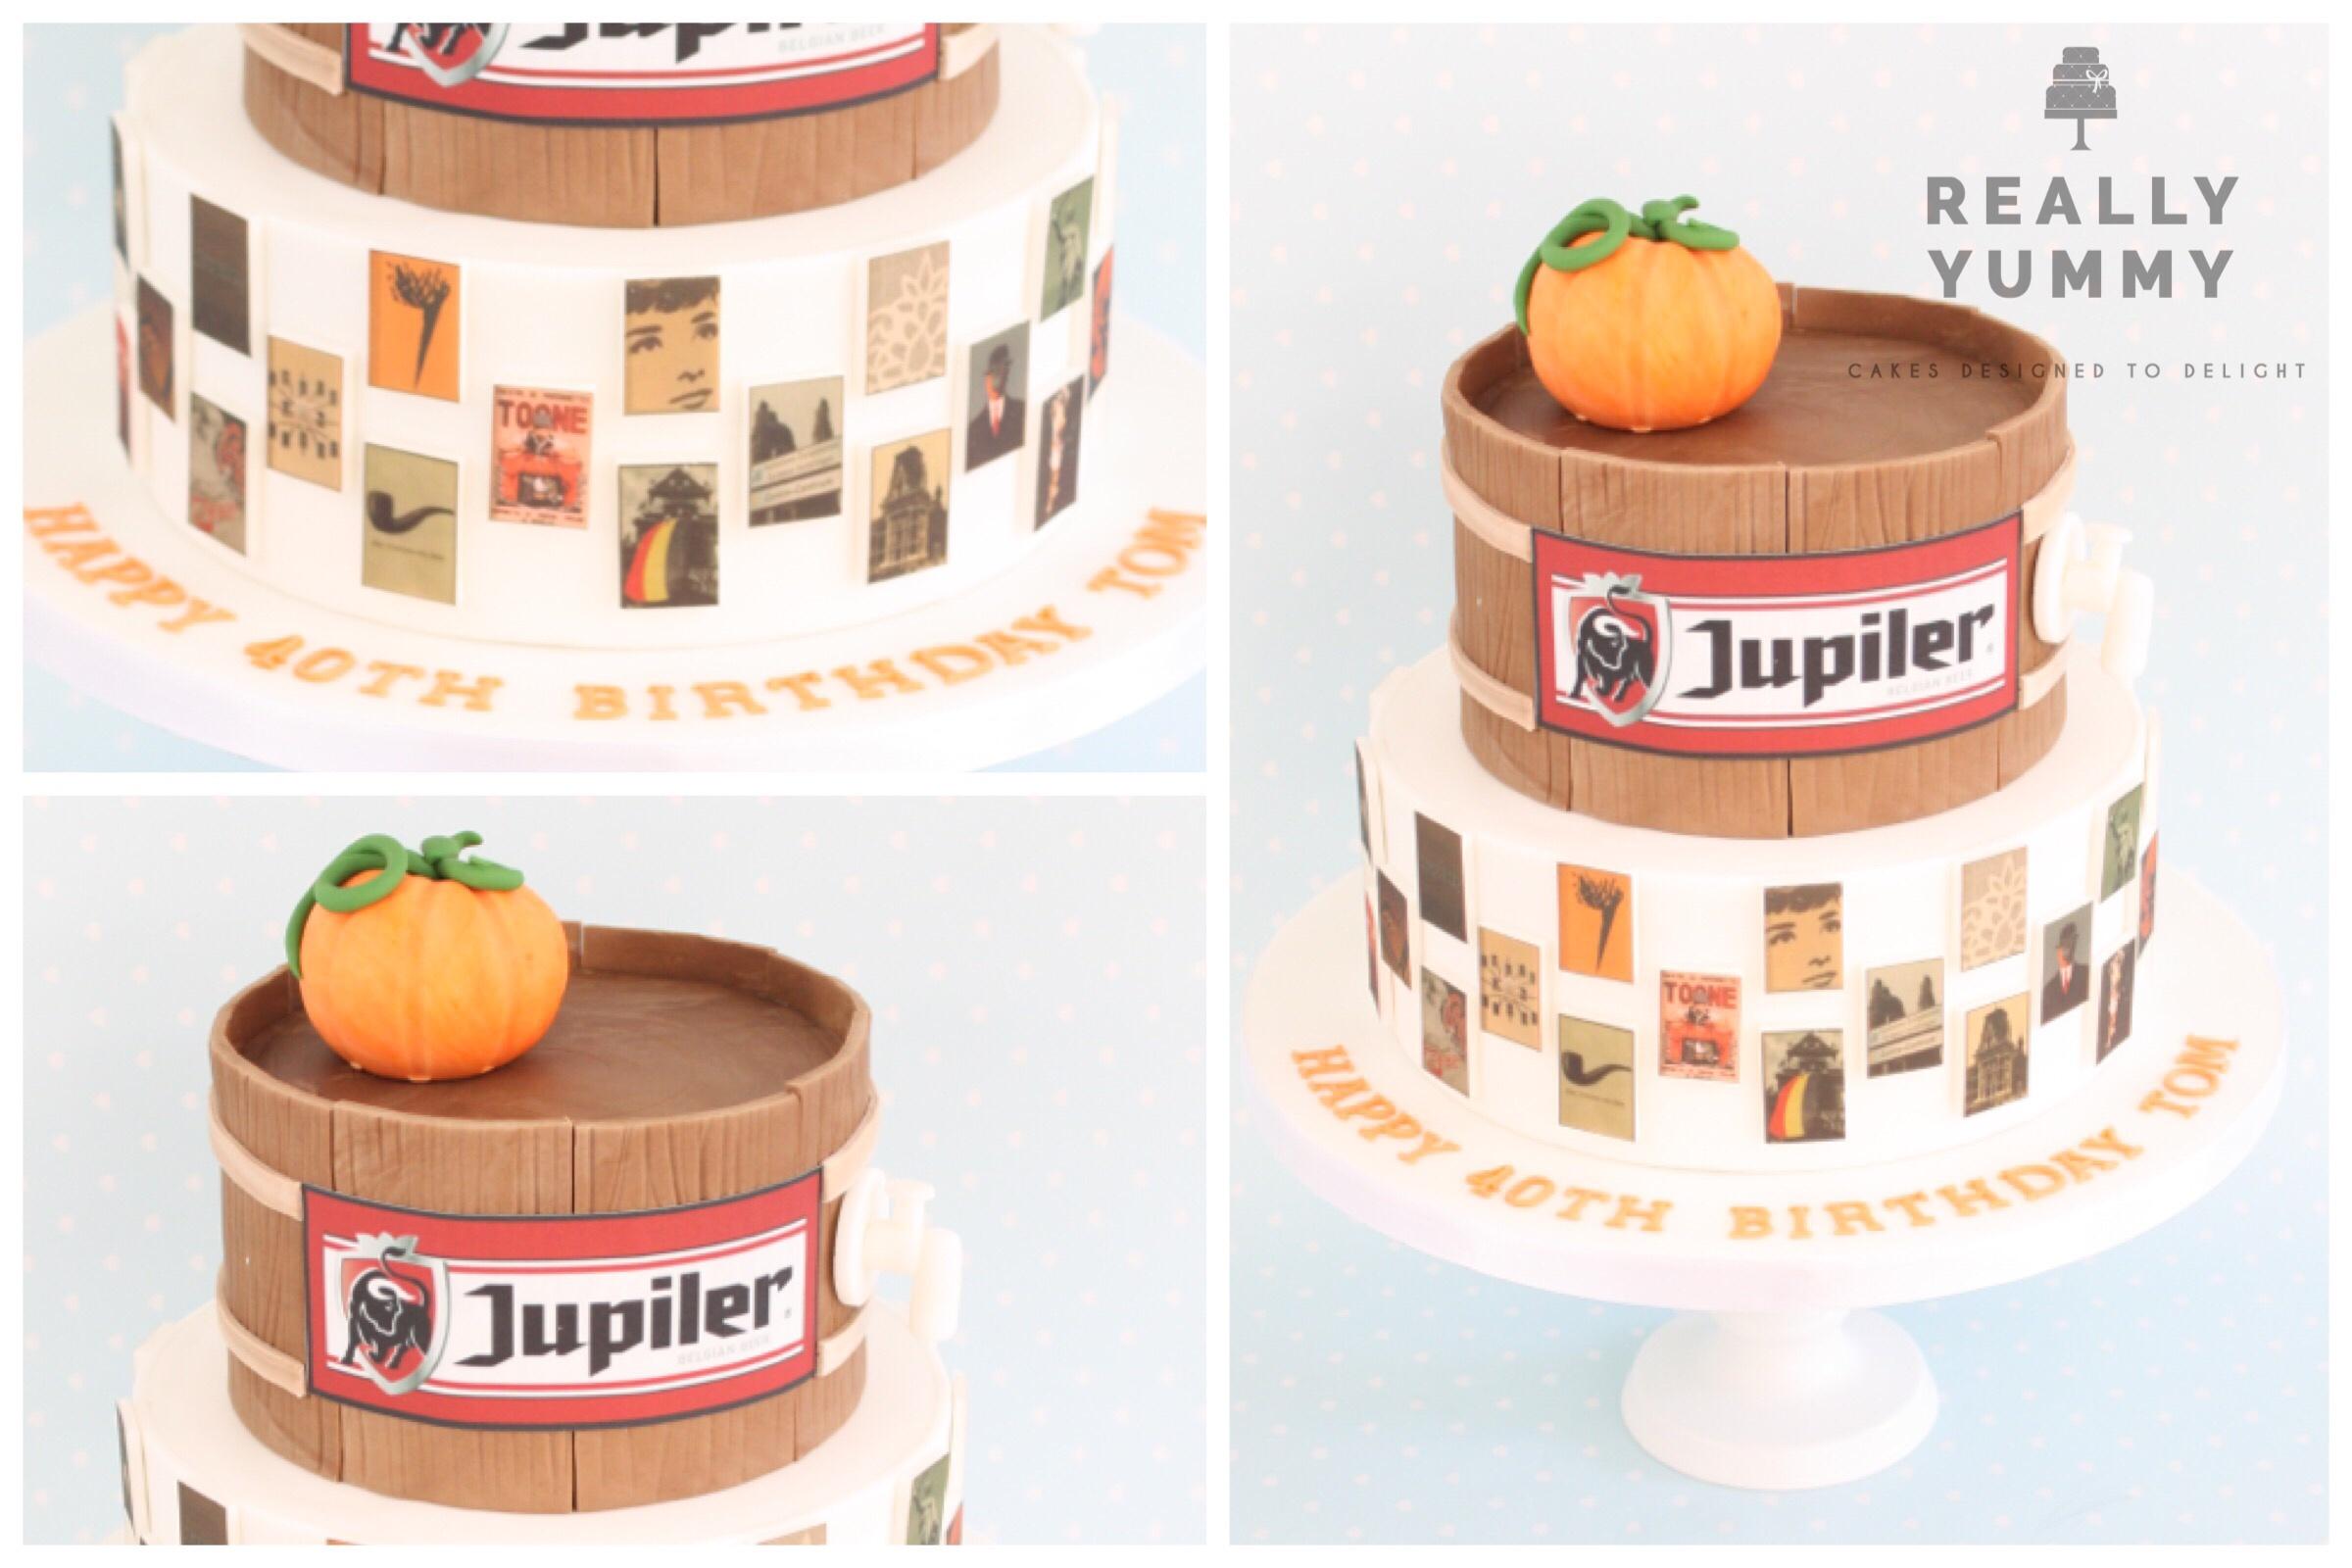 Belgian-themed cake